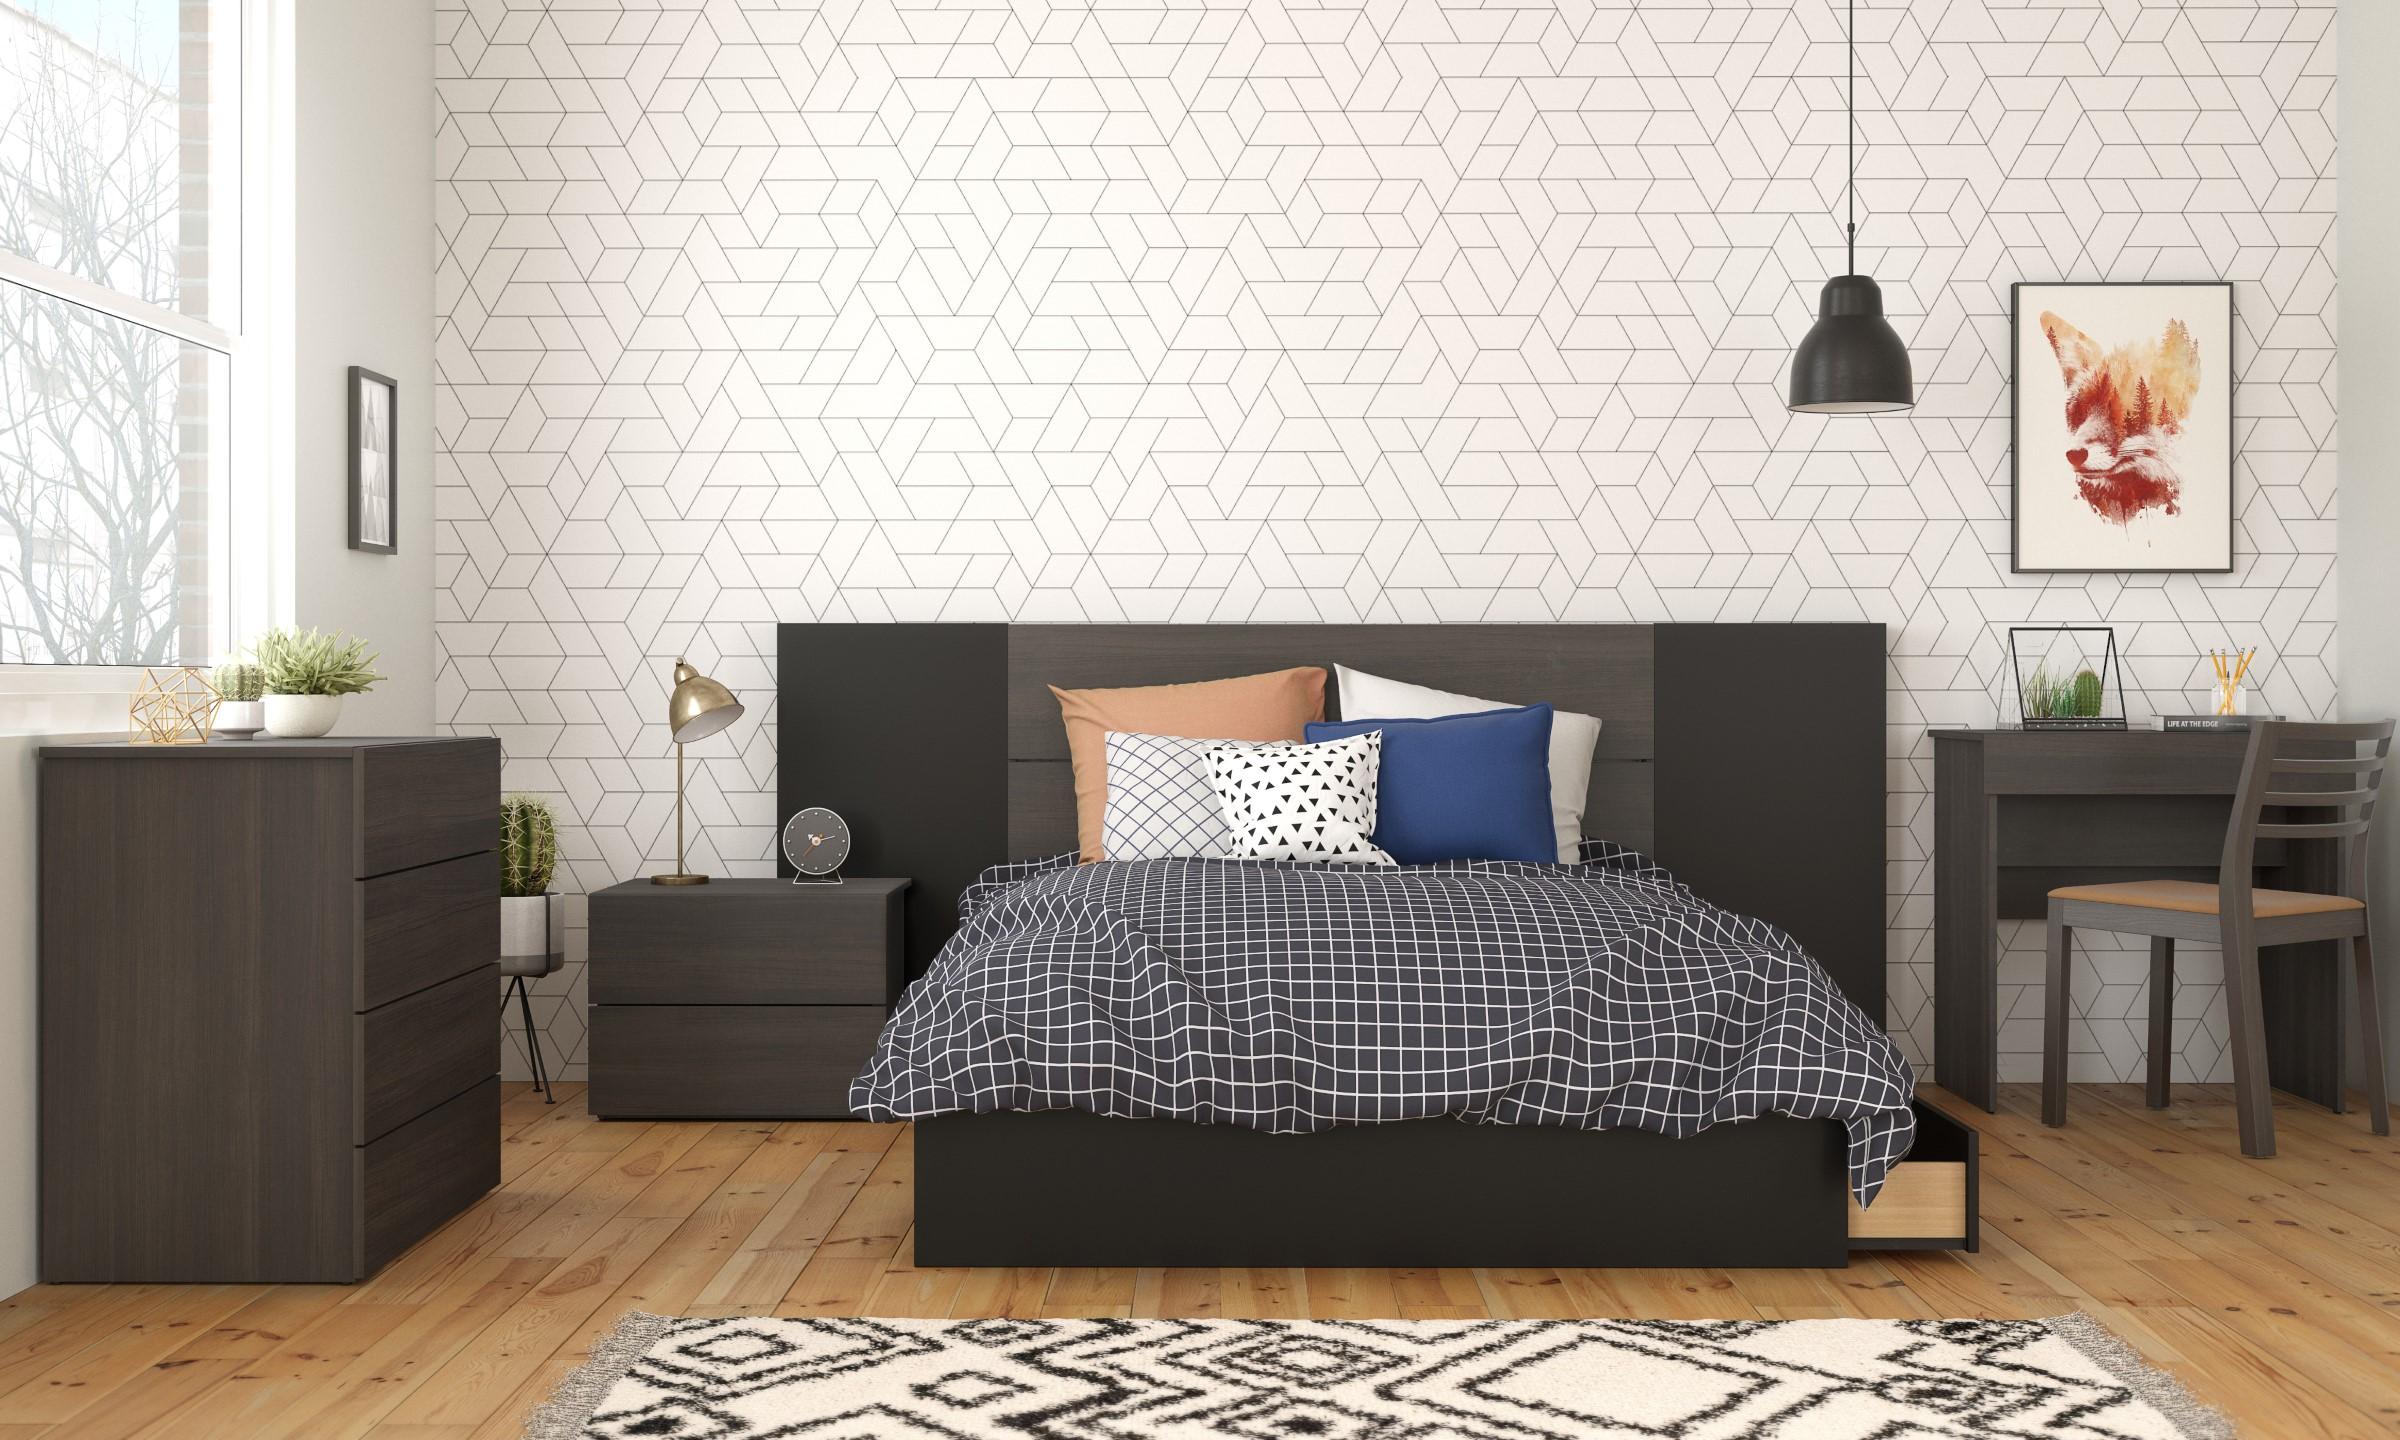 Deco Chambre Adulte 2018 guide: la parfaite chambre à coucher | magazine | la pièce